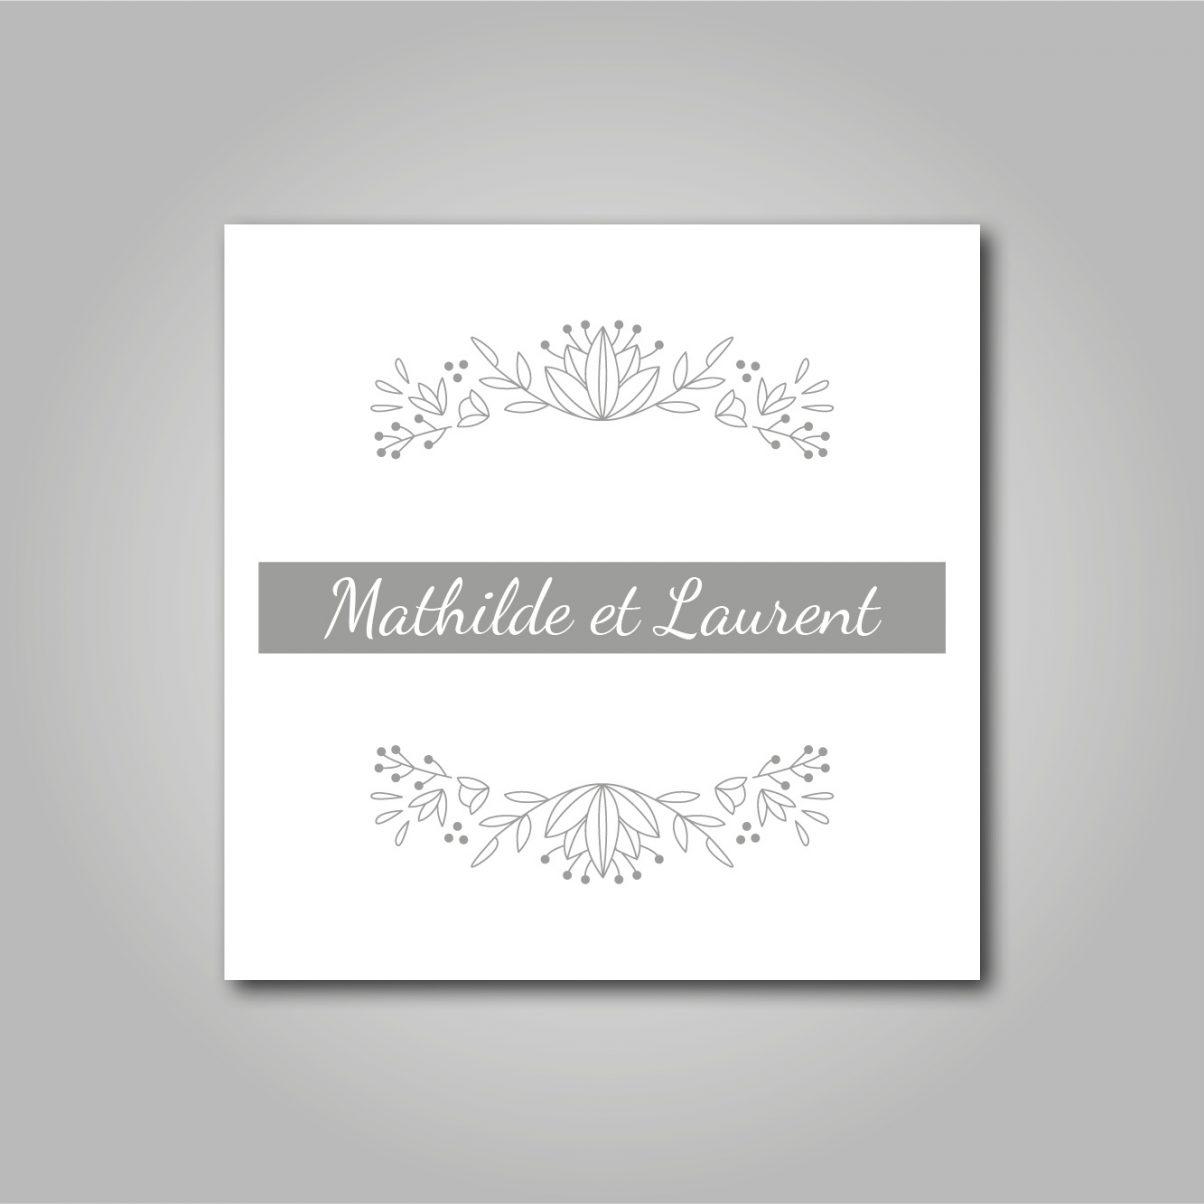 Le logo de mariage de Mathilde & Laurent